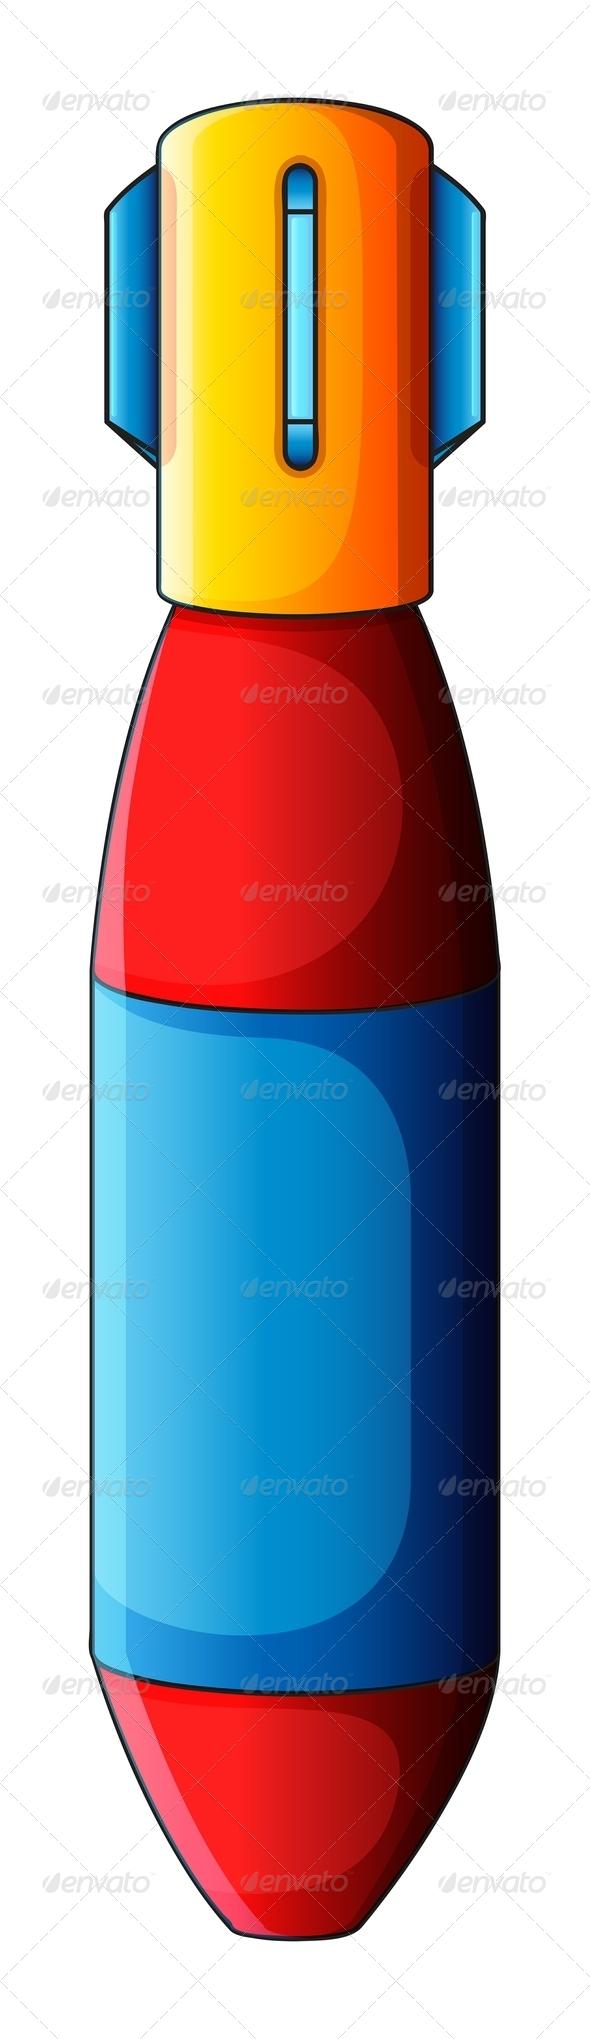 GraphicRiver Colourful Bomb 7860036